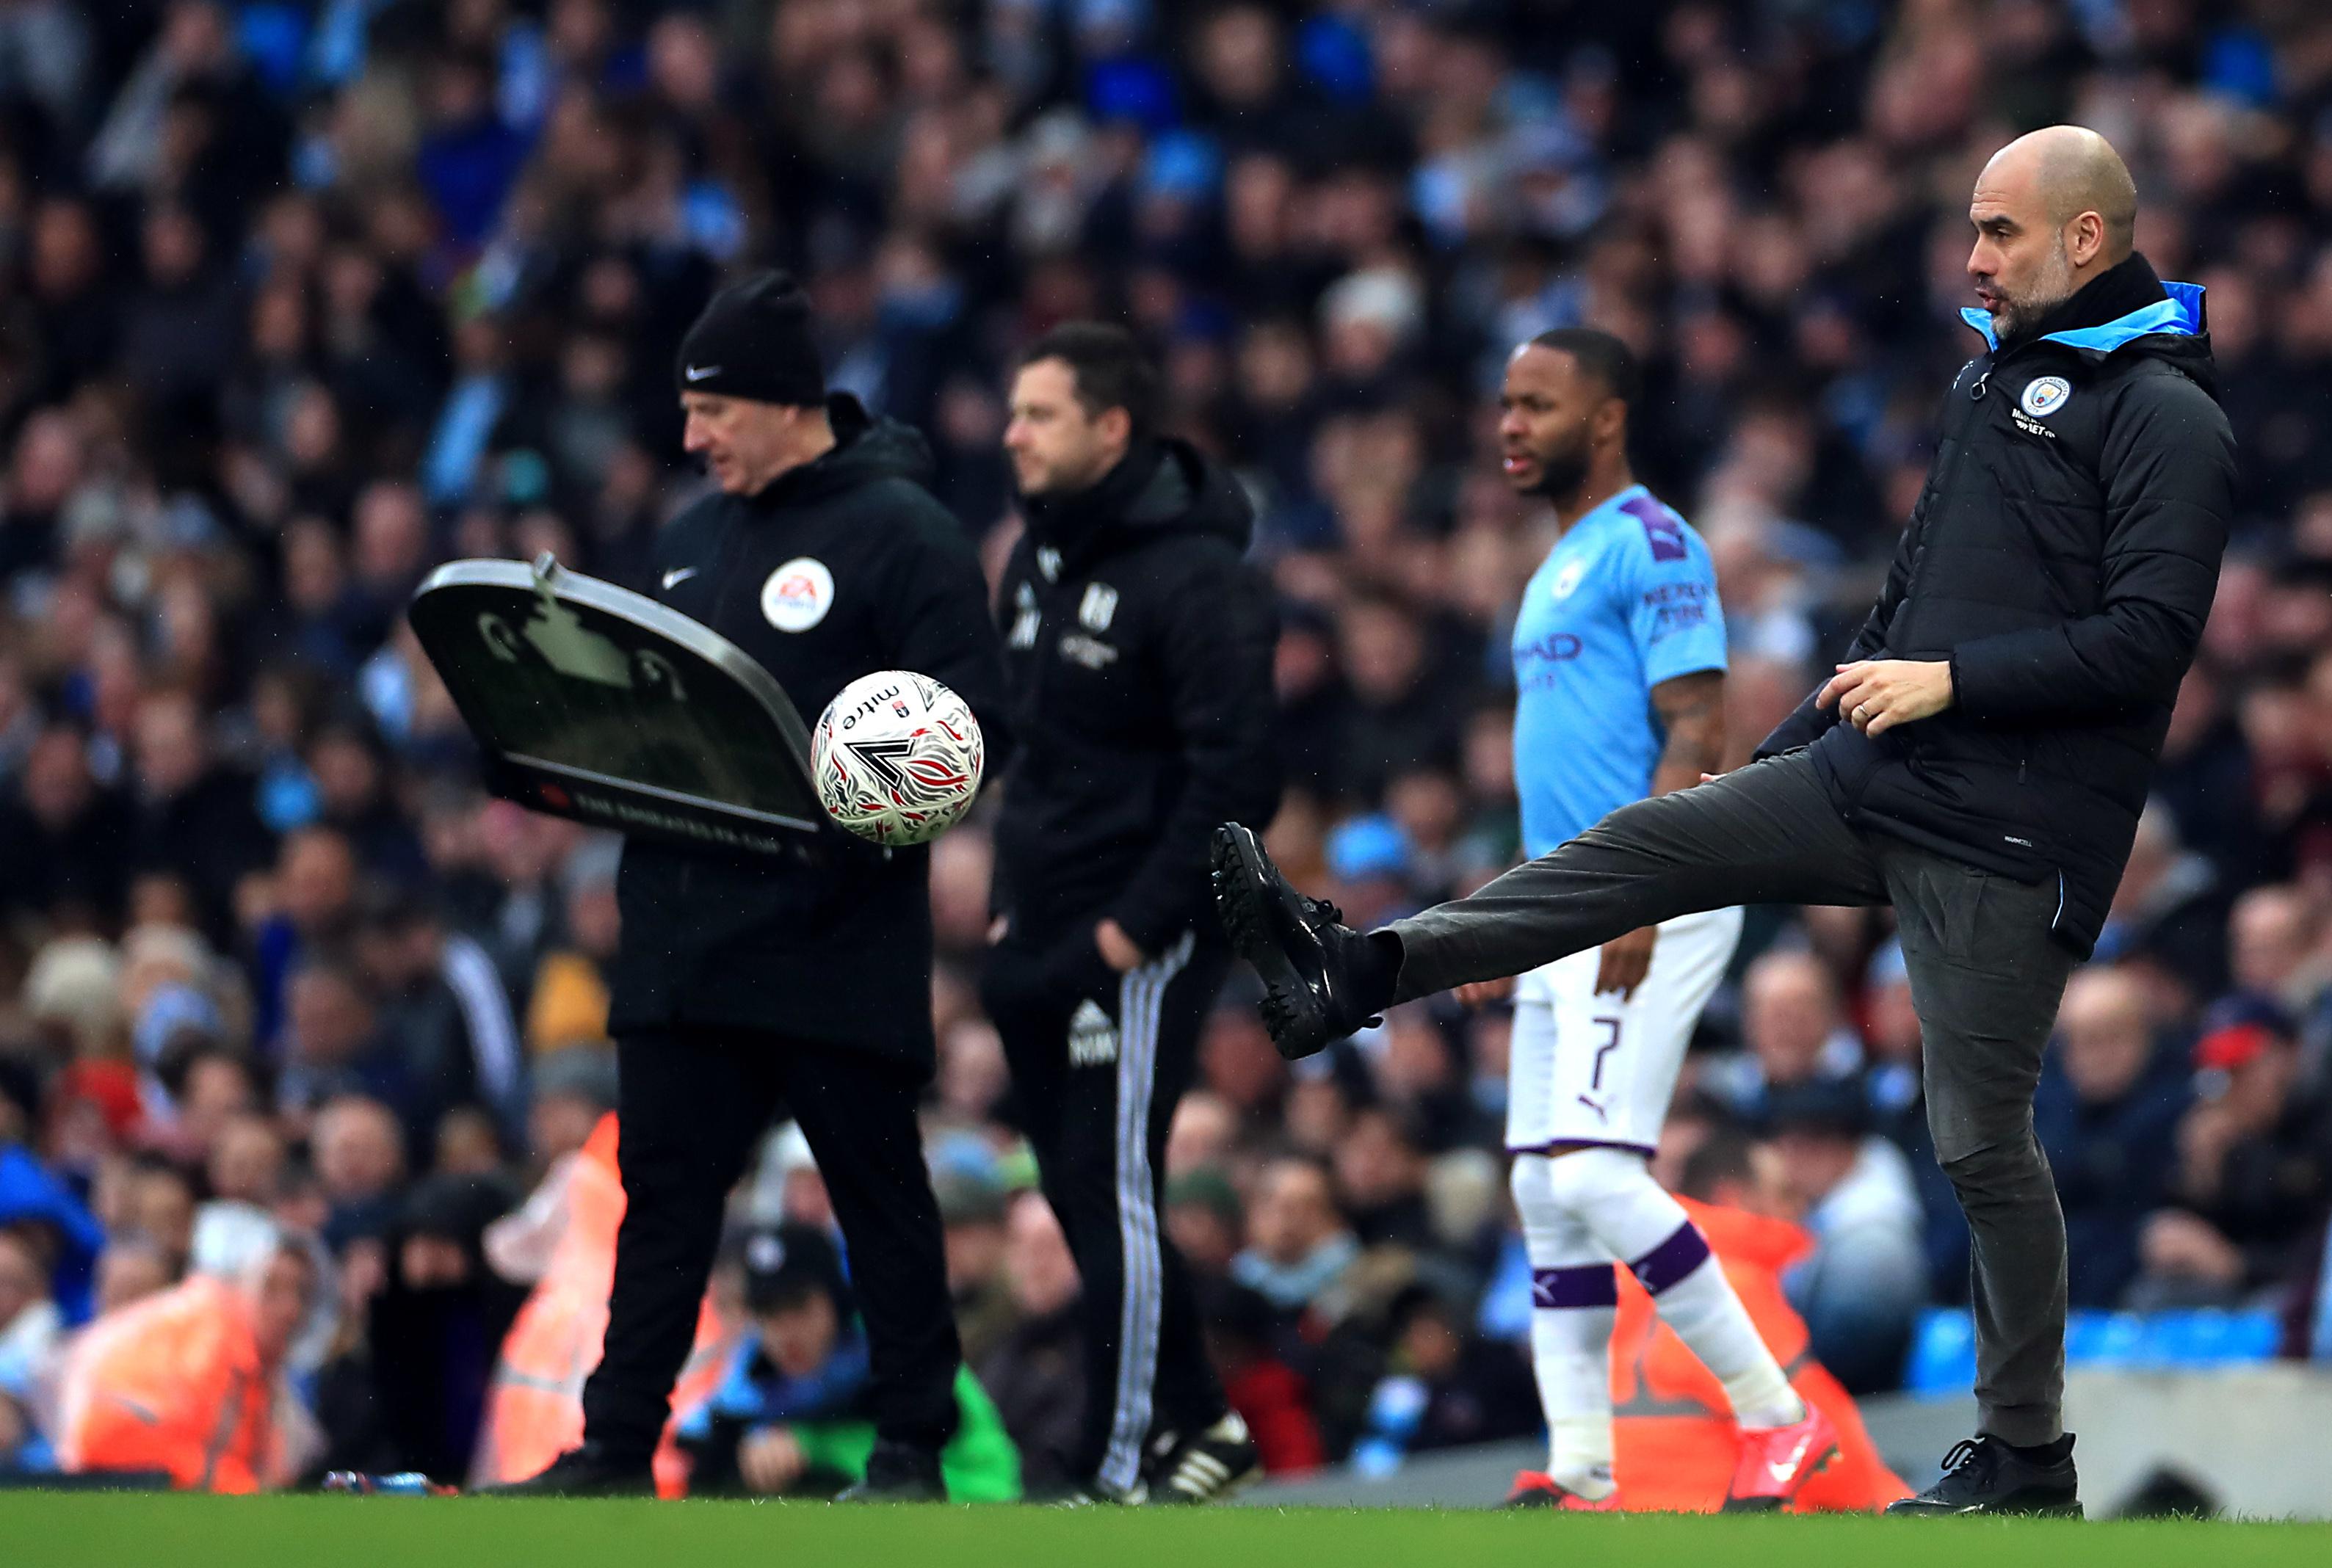 Manchester City boss Guardiola provides update on Mahrez's injury